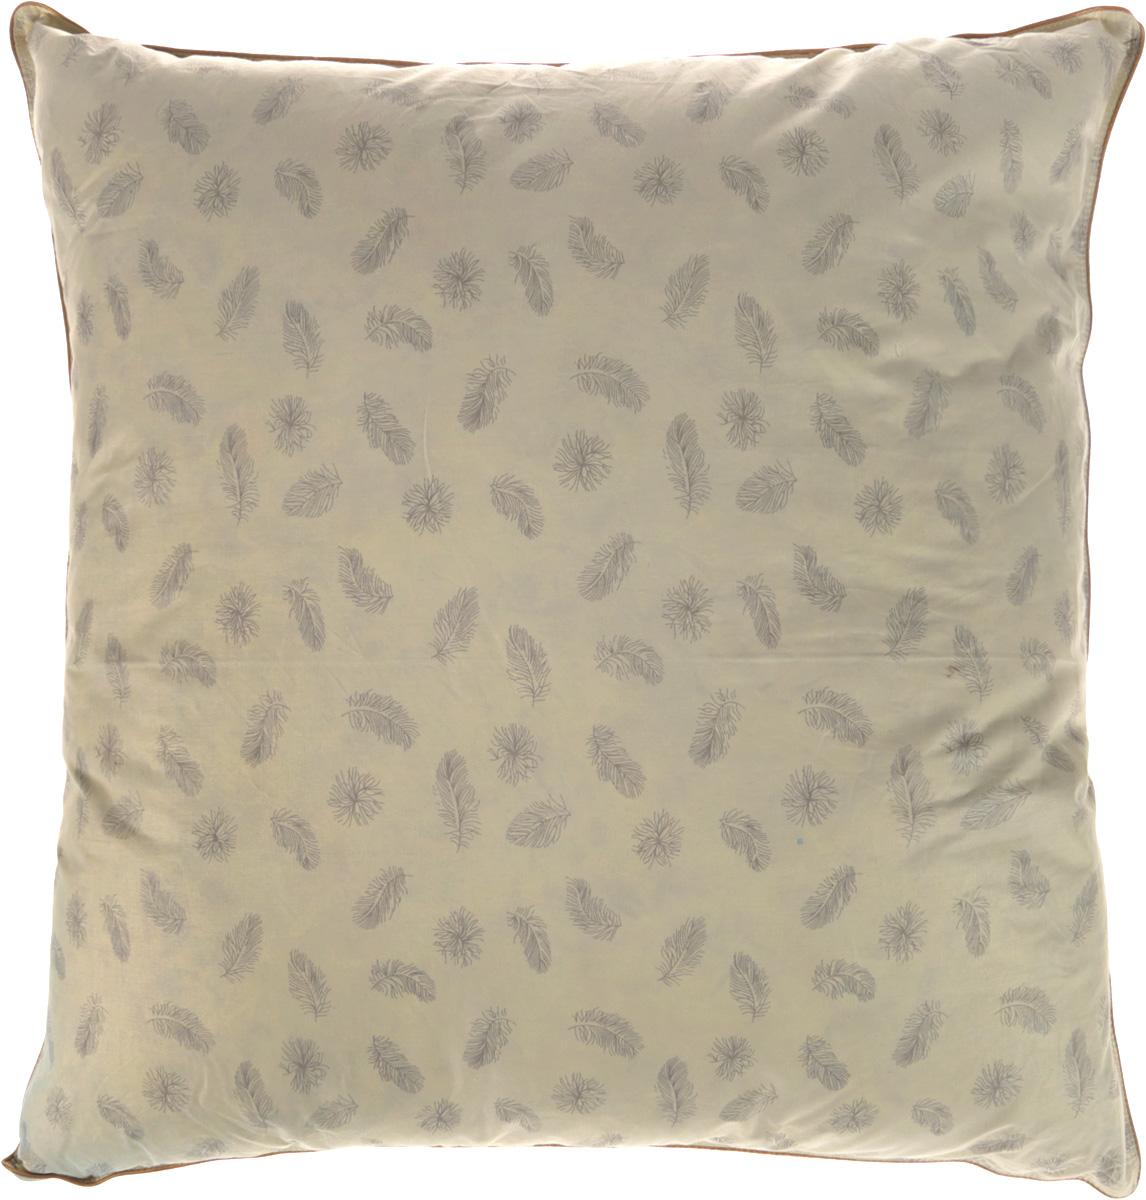 Подушка Ecotex Эдда, наполнитель: пух, 68 х 68 смЭПП77Подушка Ecotex Эдда обеспечивает покой, уют и здоровый сон. Чехол подушки выполнен из натуральной тиковой ткани (100% хлопок). В качестве наполнителя используется пух первой категории. Благодаря своим уникальным теплозащитным свойствам пух считается одним из ценнейших наполнителей. Сочетая в себе мягкость и упругость, он создает максимальный комфорт во время сна. Преимущества: - экологичность, - воздухопроницаемость, - мягкость, упругость и легкость, - исключительная теплоизоляция.